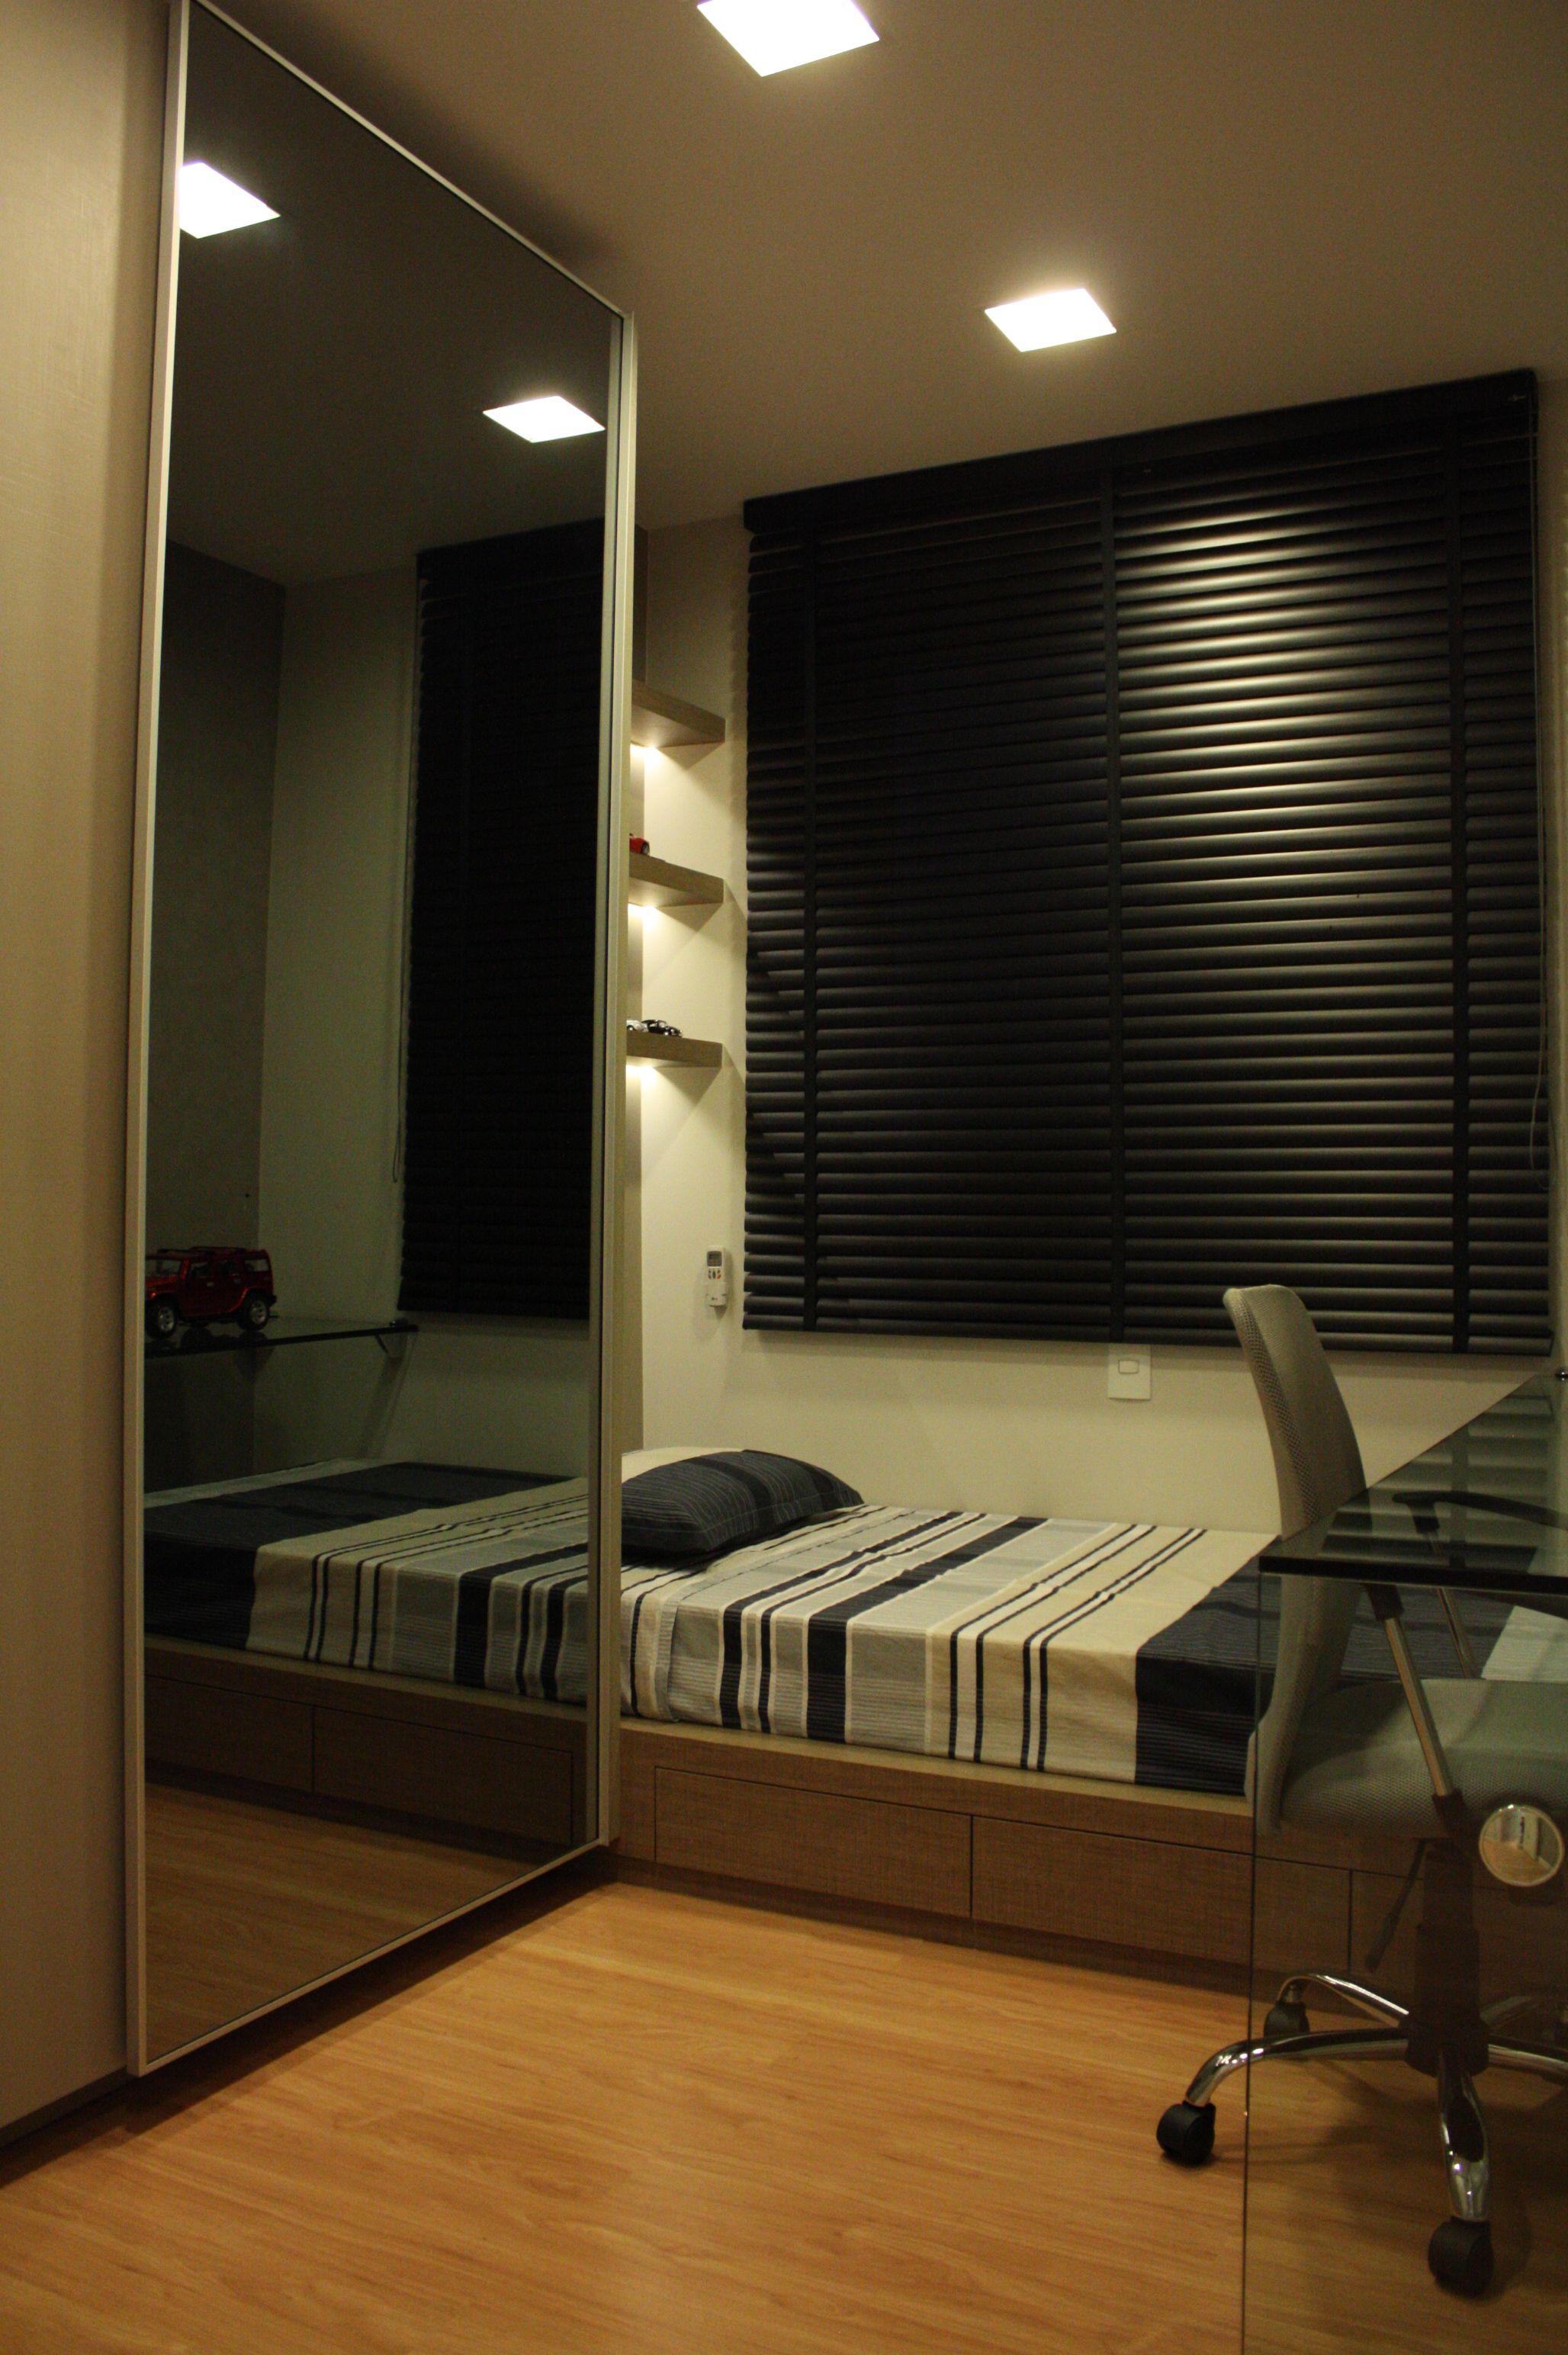 Solar Lalique, cliente RB: Quarto de menino